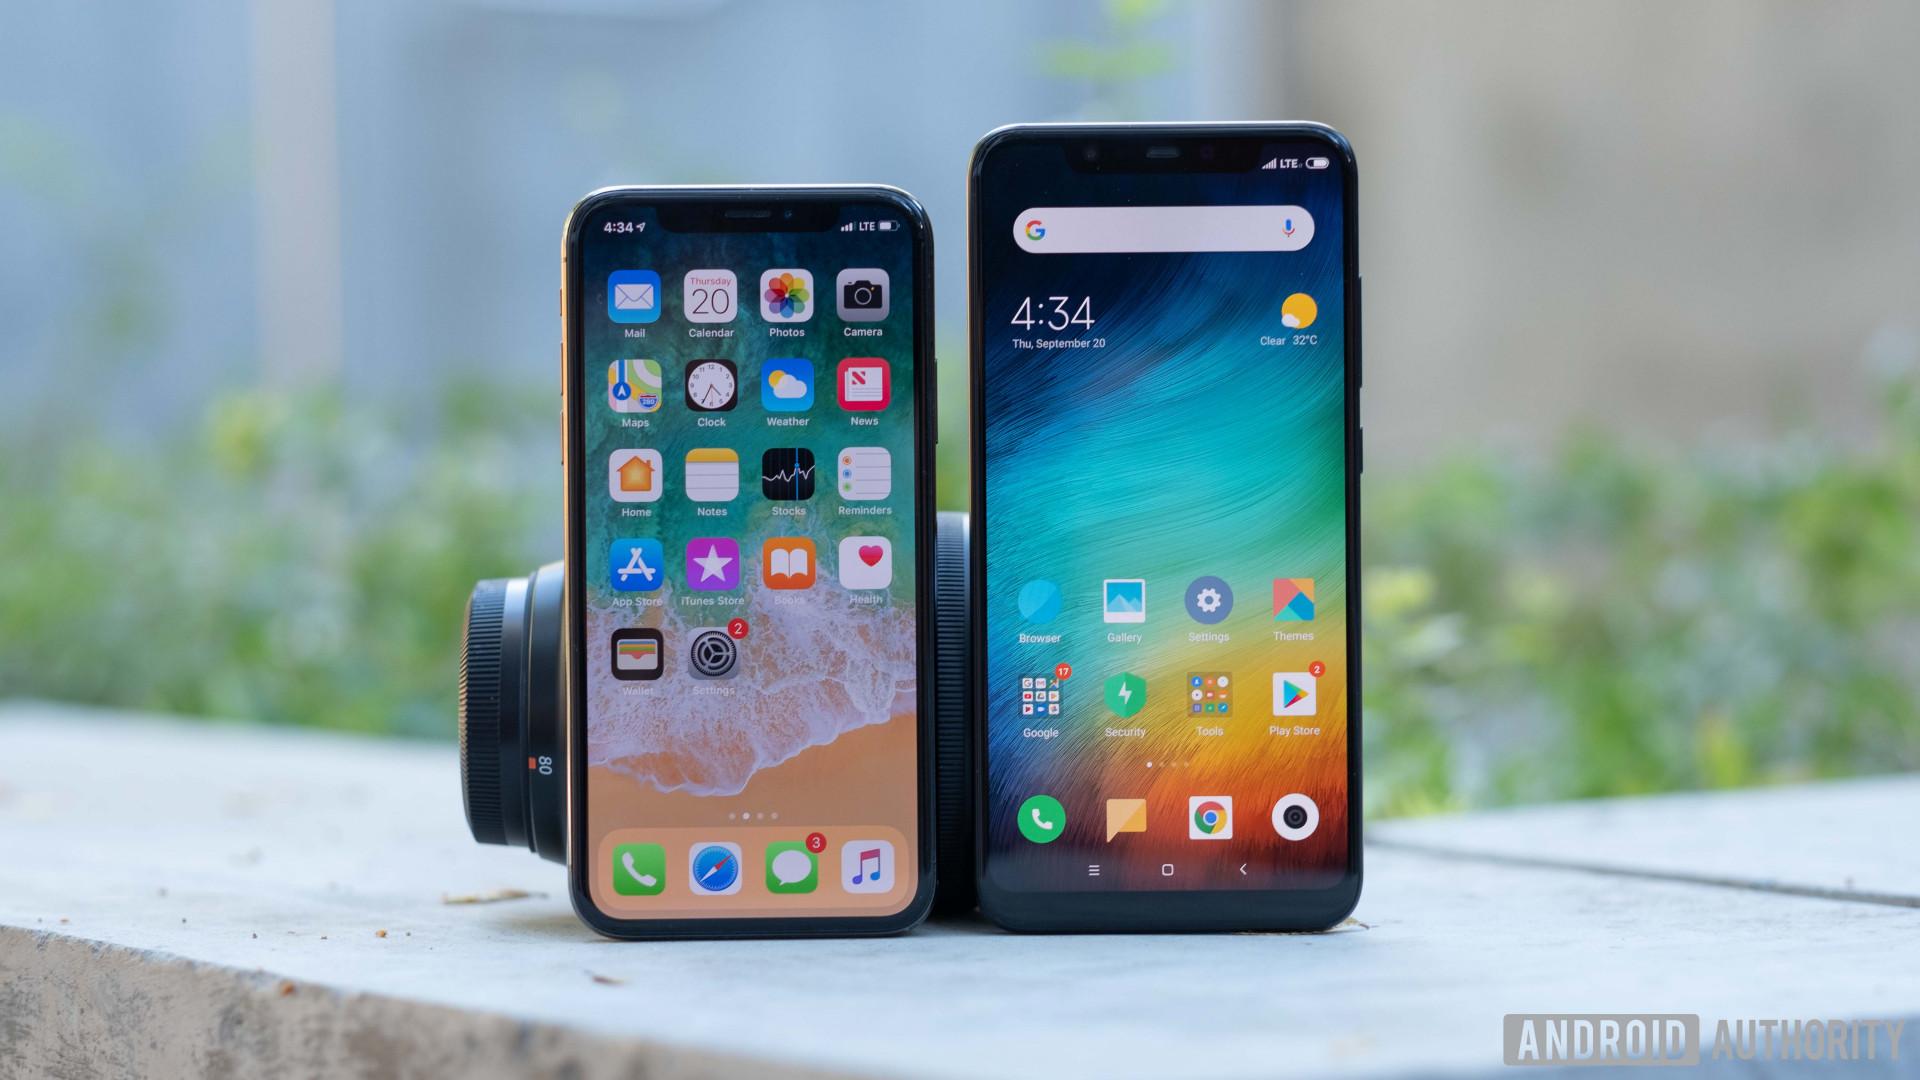 xiaomi mi 8 vs iphone x display